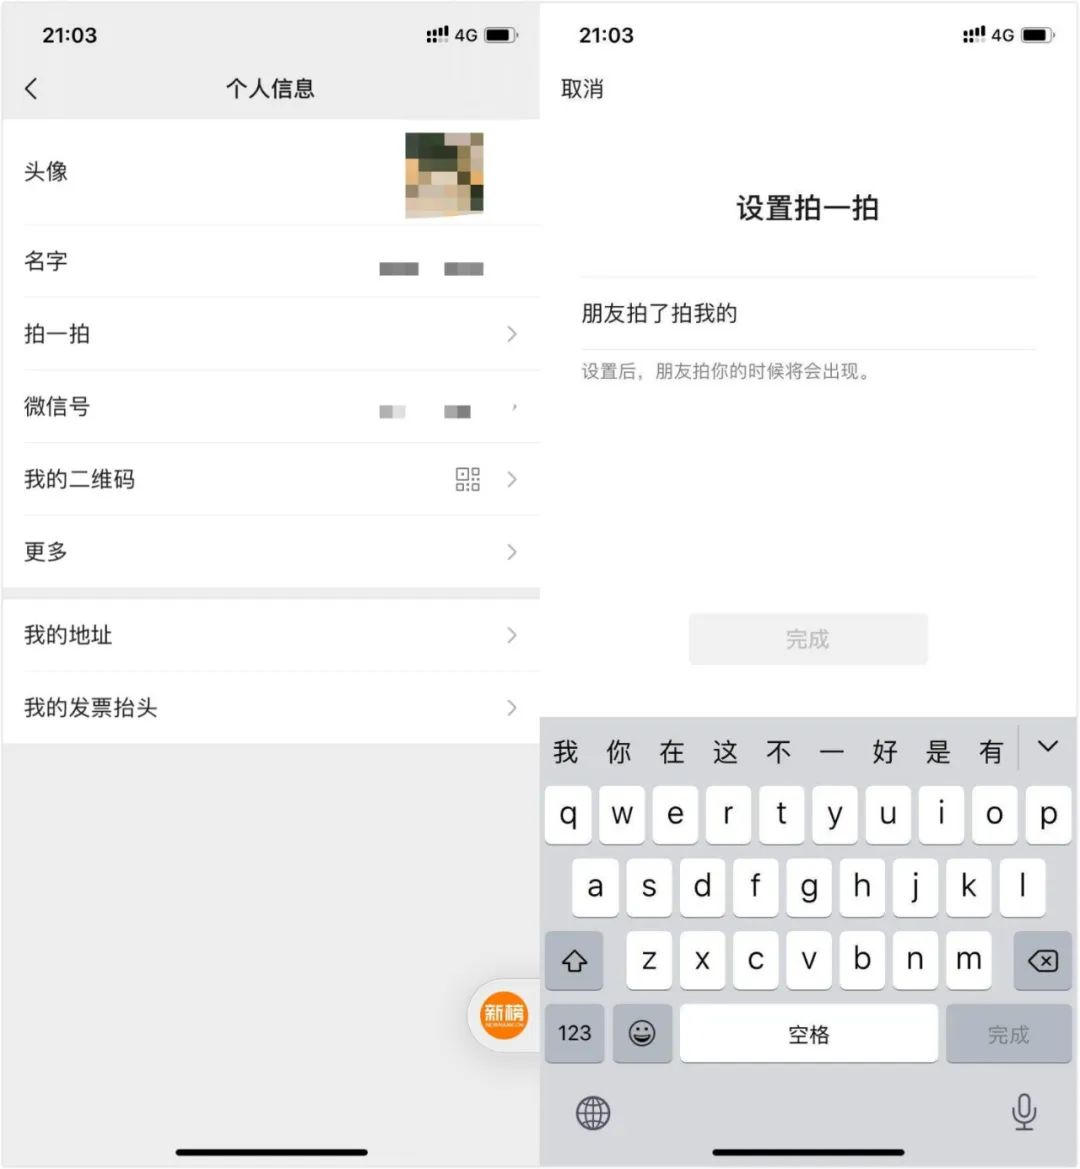 """微信视频号上线""""弹幕""""功能;李子柒疑被越南博主抄袭,律师称维权难度大"""